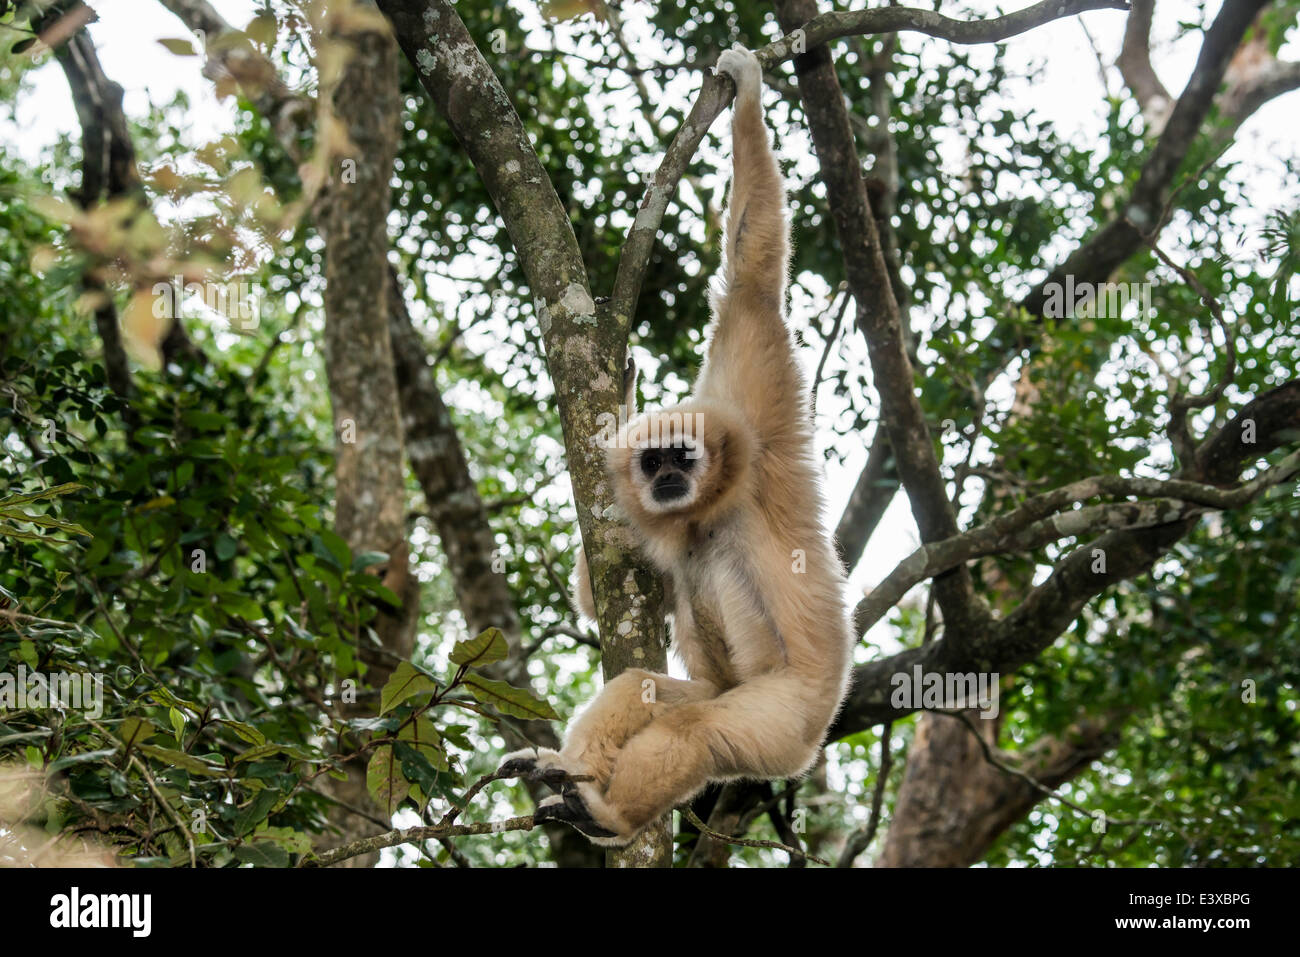 White-handed Gibbon (Hylobates Lar) hängt in einem Baum gefangen, Provinz Westkap, Südafrika Stockfoto